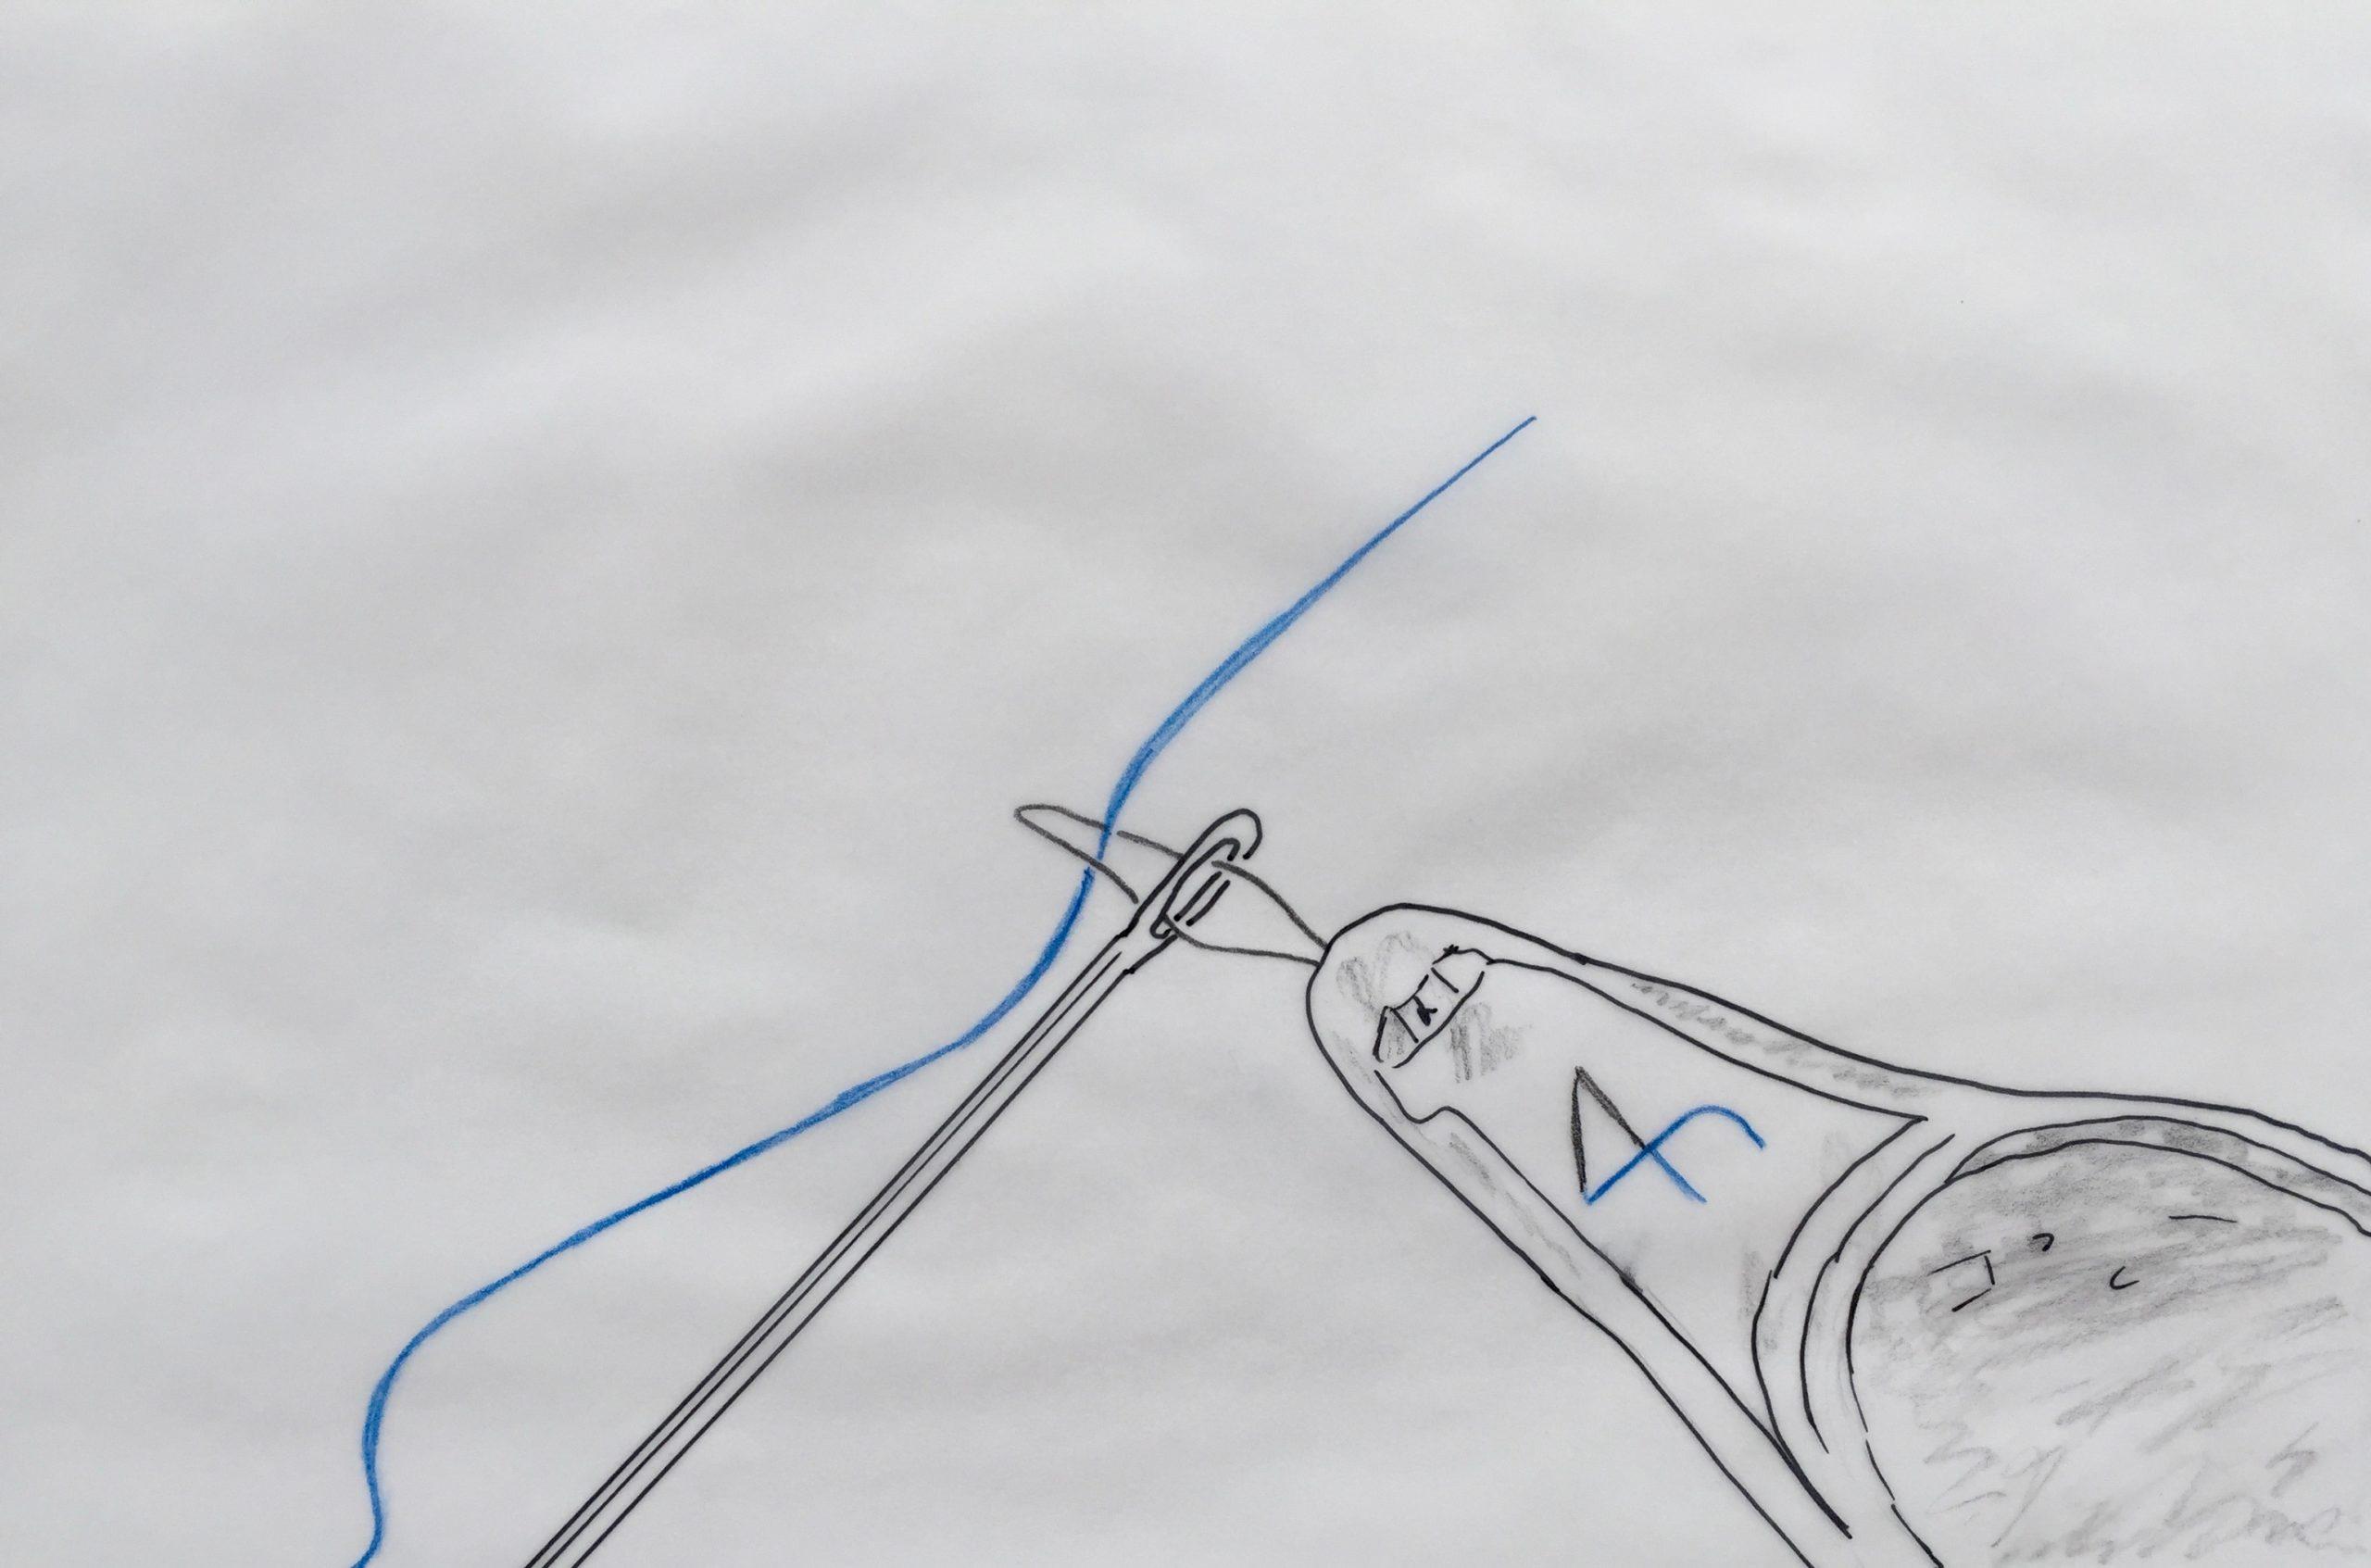 Baufianzierung –Skizze: Faden –Nadelöhr –Einfädelhilfe liegen bereit. Bereiten Sie mit Hilfe der FinanzKanzlei Bayern die Finanzierung im Detail vor.